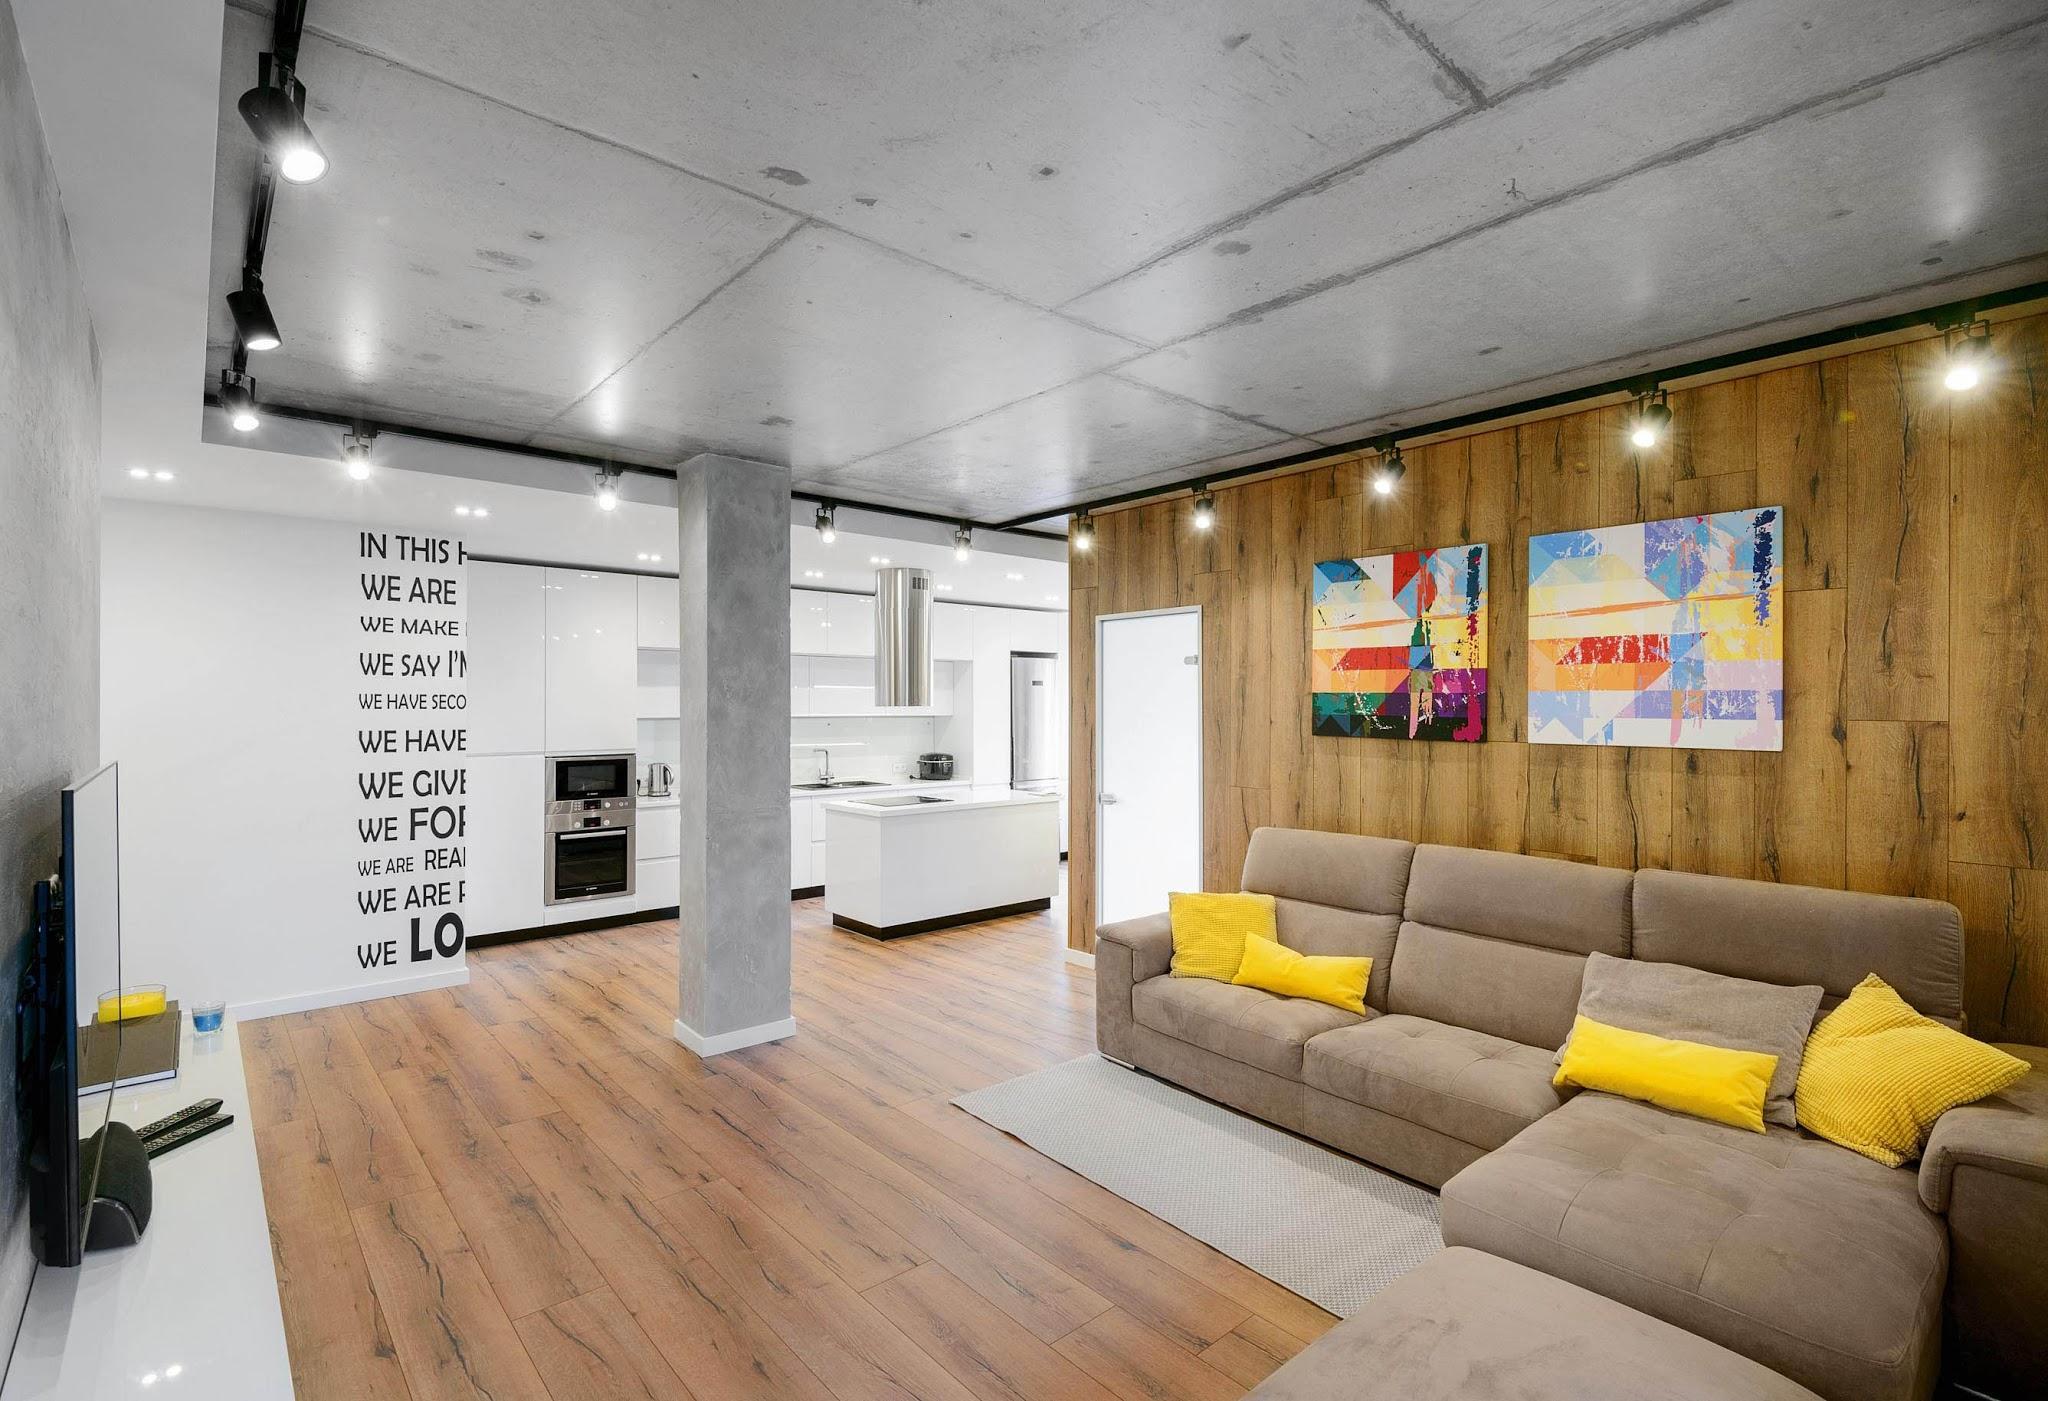 Бетонный потолок в интерьере: фото, стили, достоинства, советы